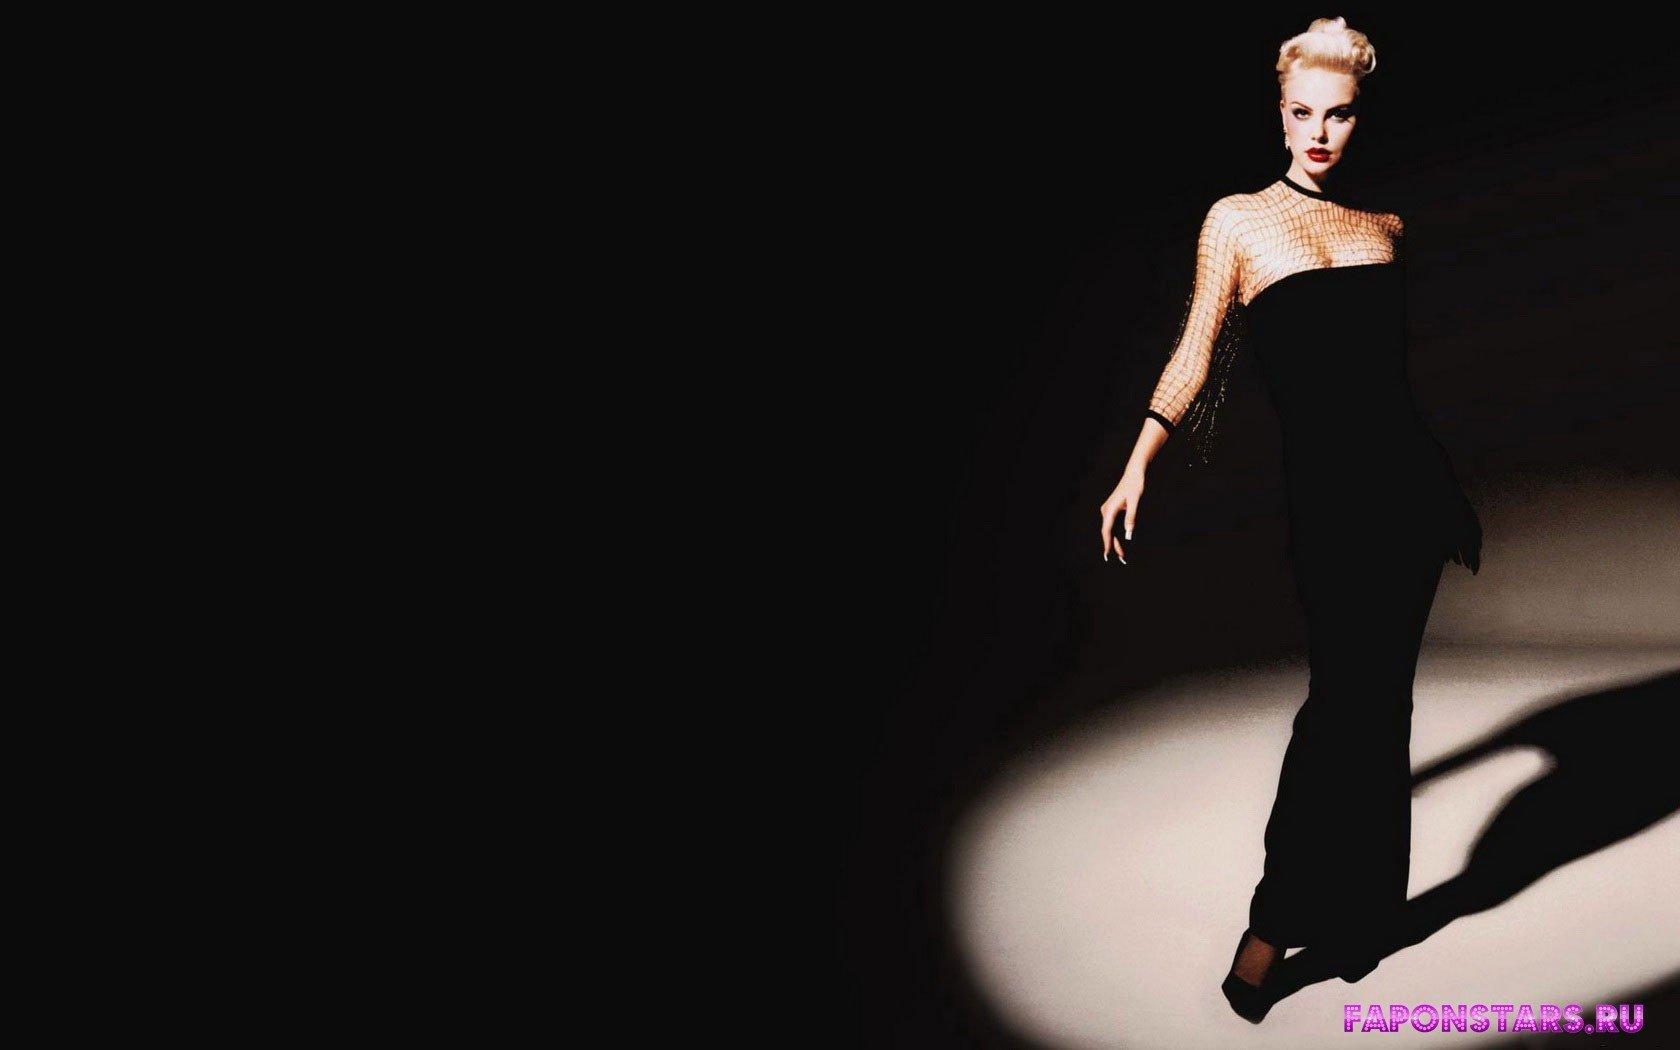 Charlize Theron / Шарлиз Терон кадр из фильма